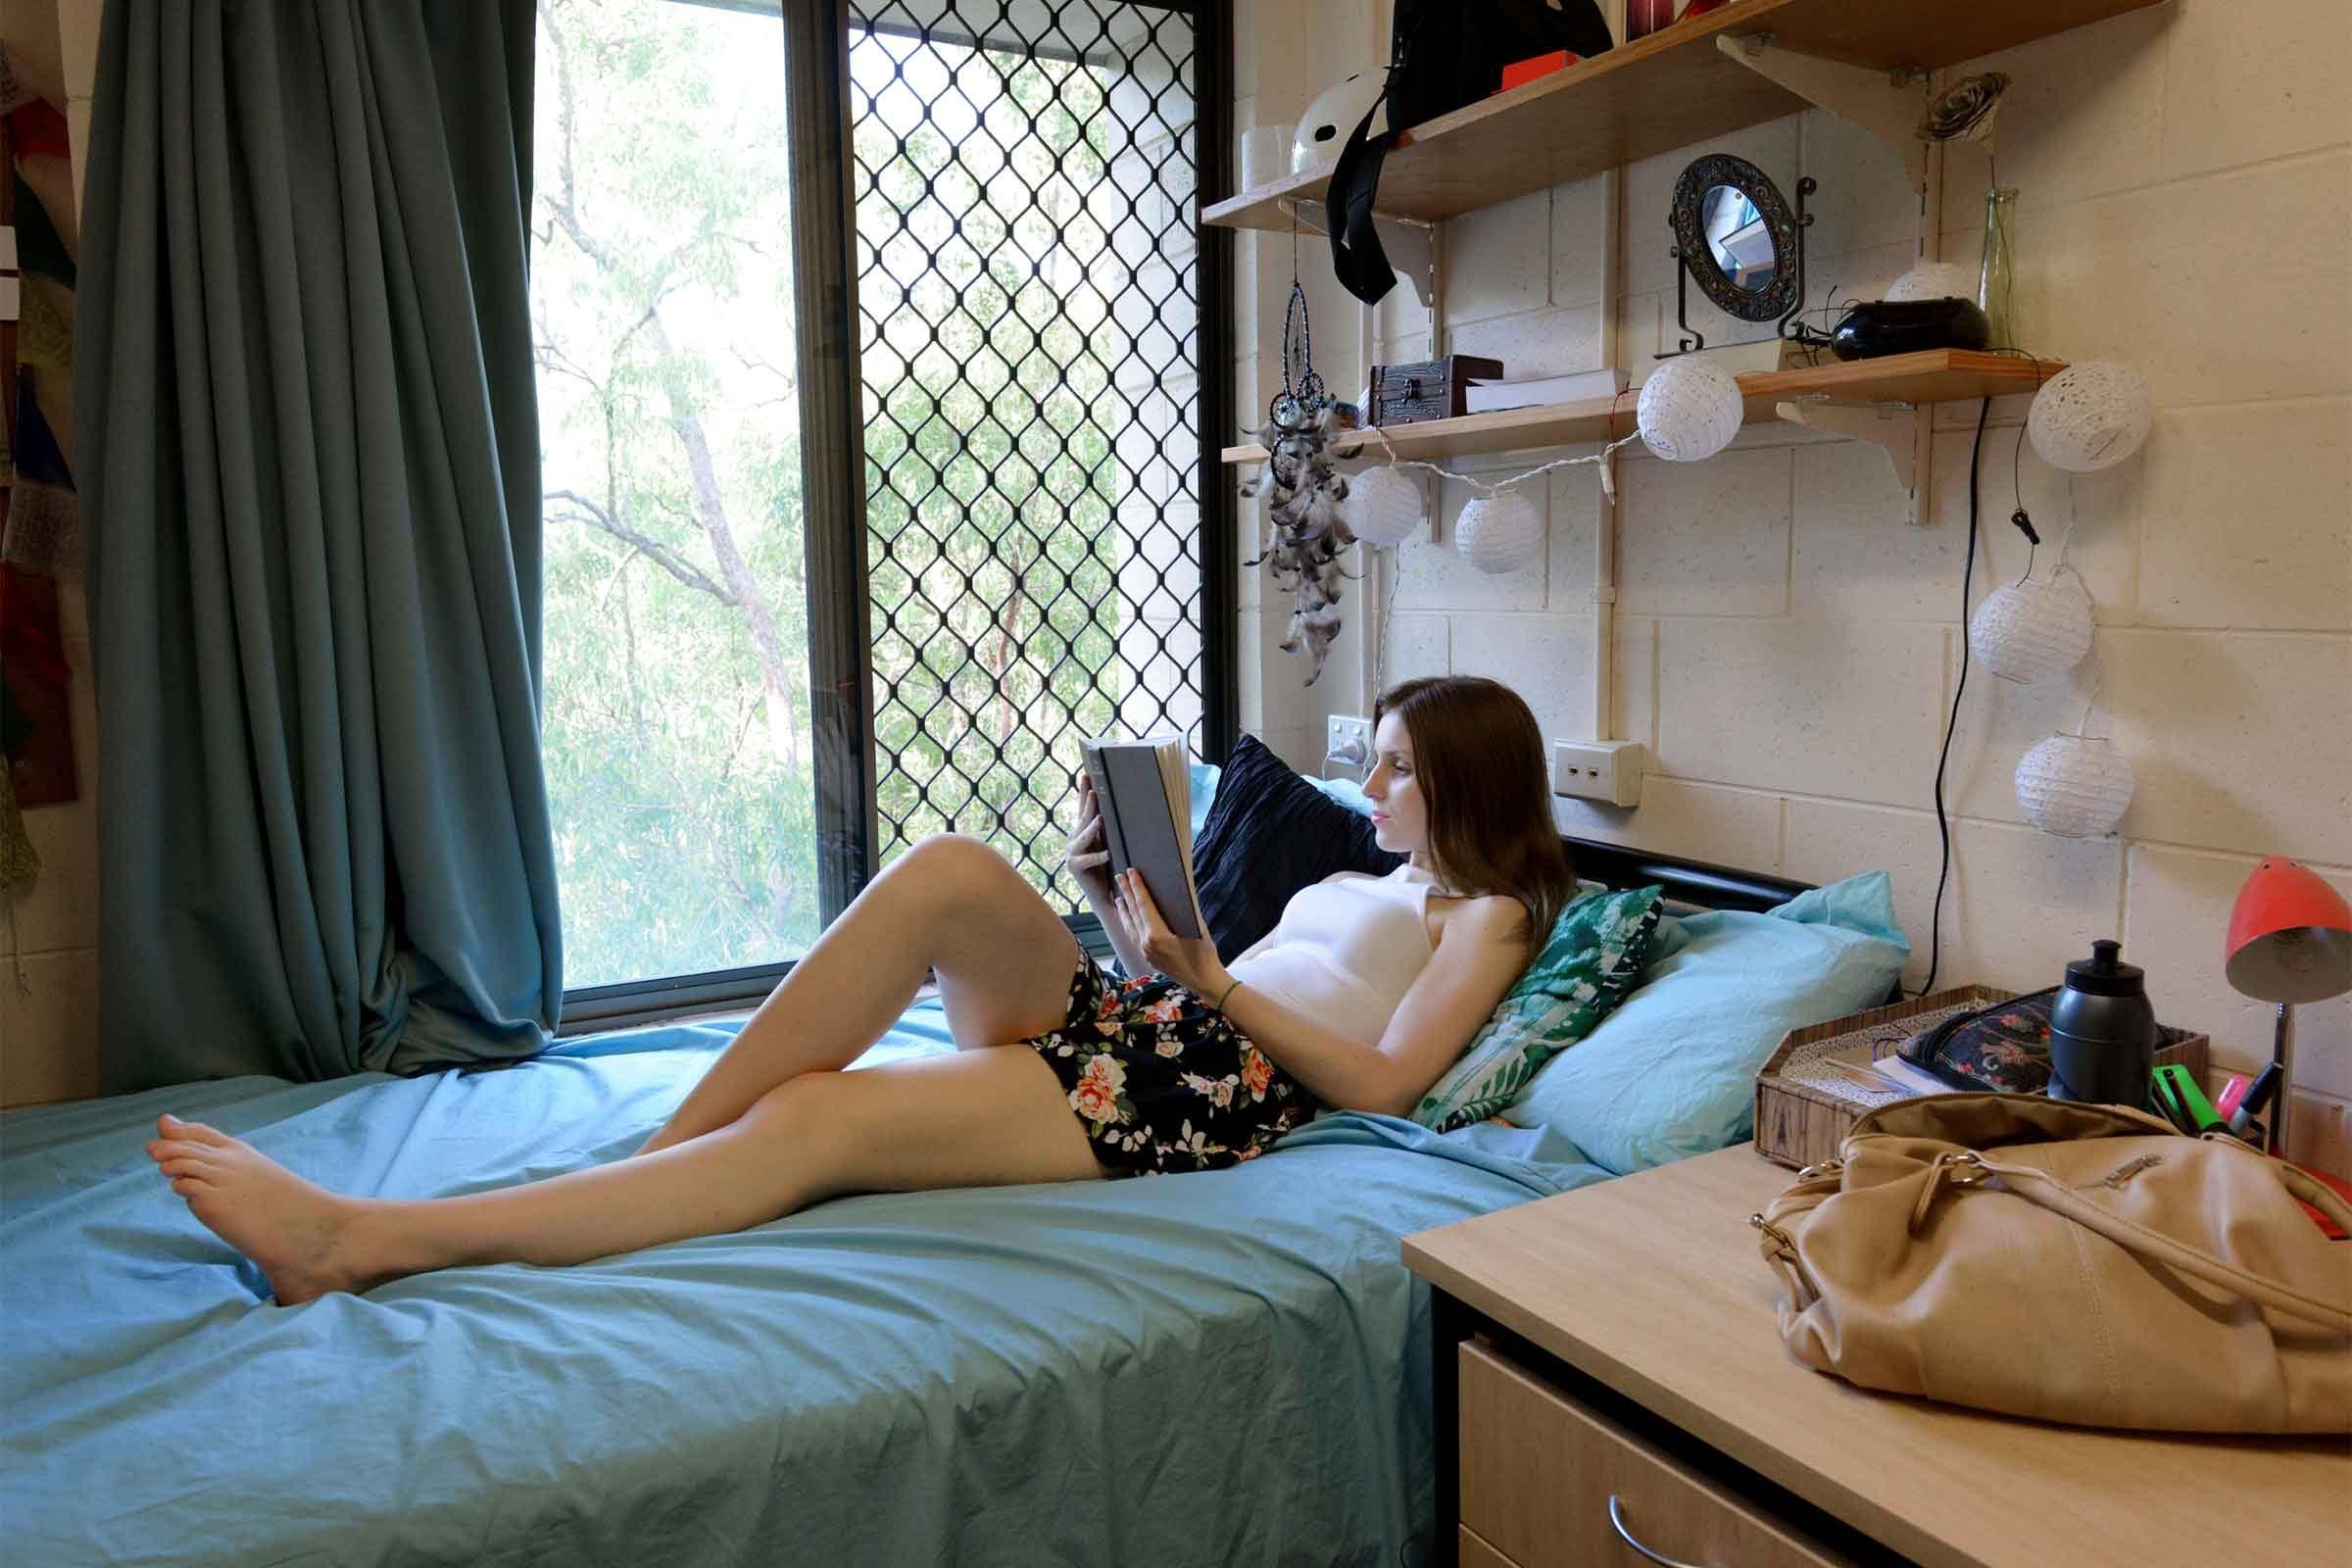 17 Genius Hacks for Organizing Your College Dorm Room